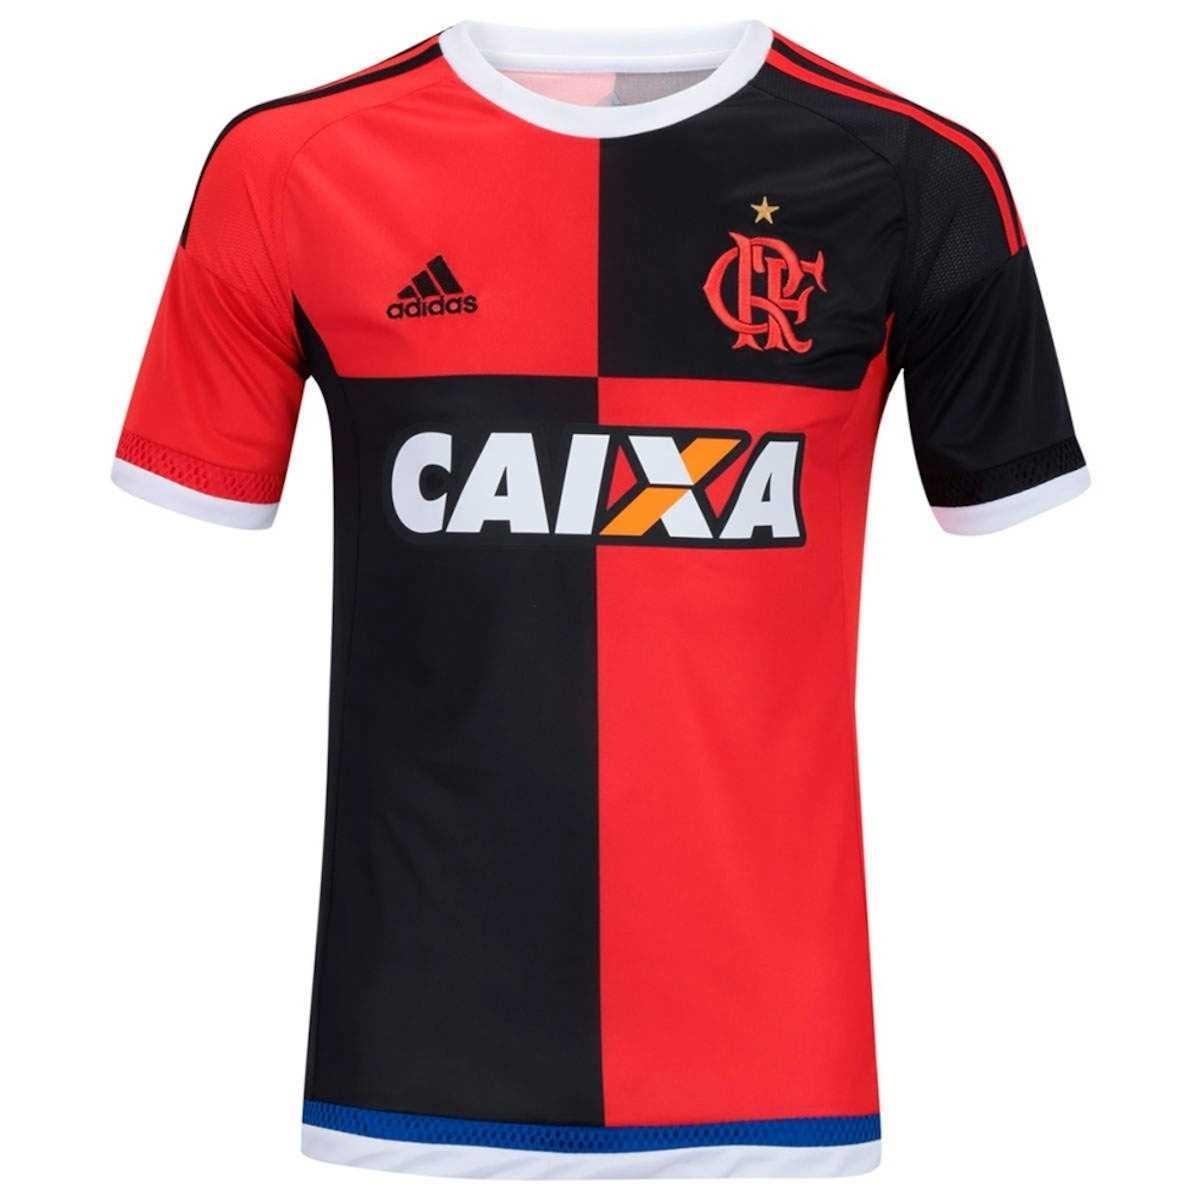 529abc0cd7 camisa oficial adidas flamengo 450 anos preto e vermelho. Carregando zoom.